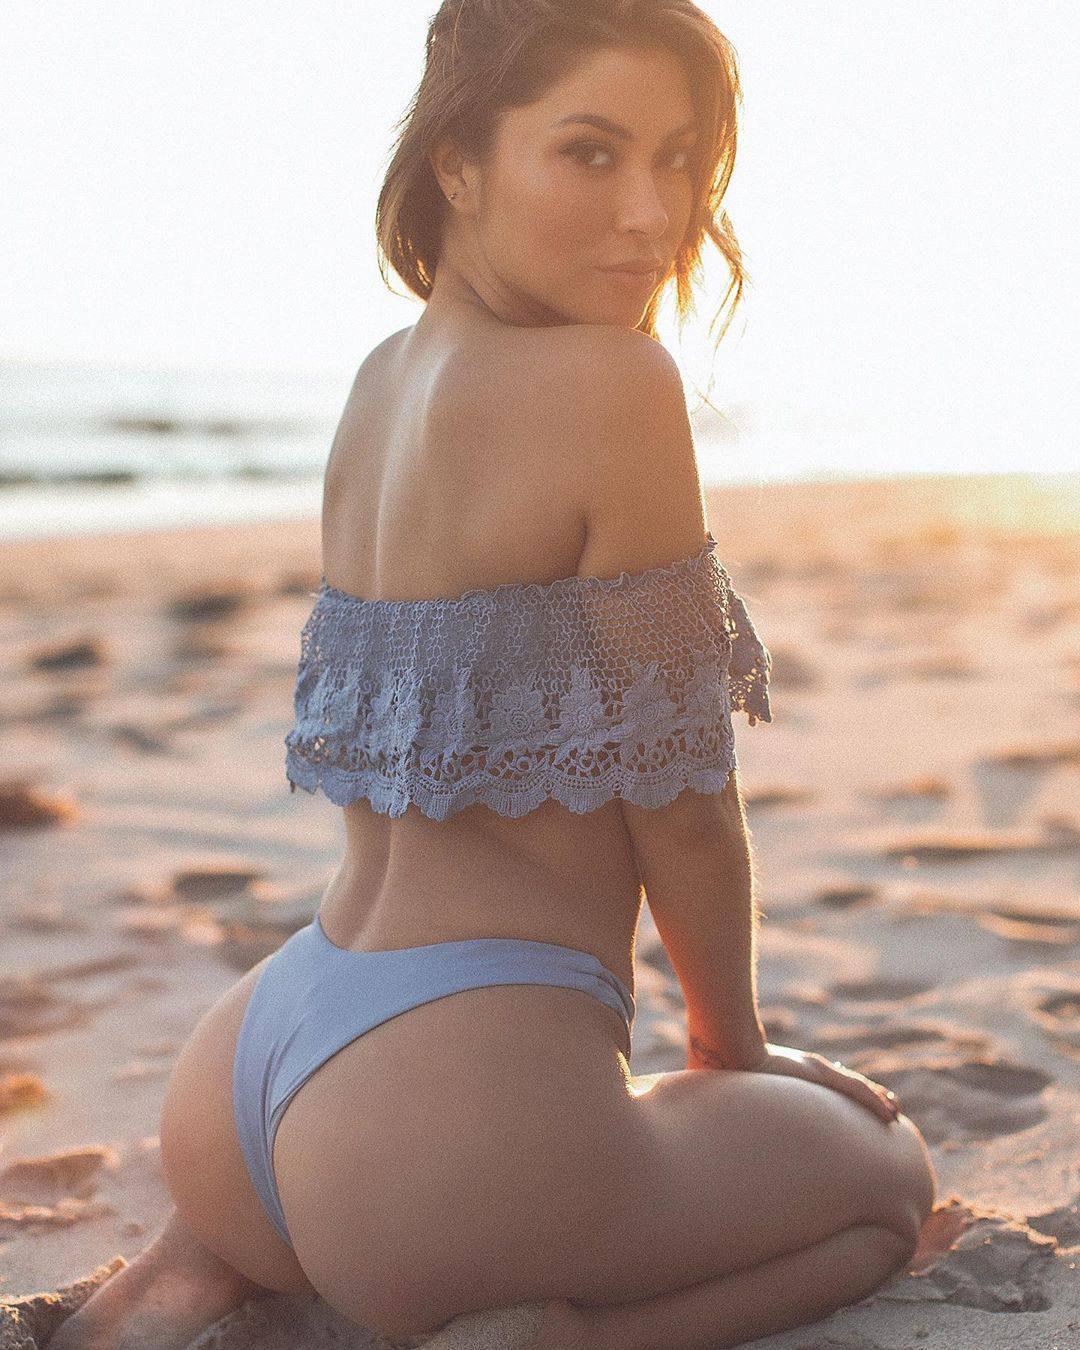 Arianny Celeste Sexy Ass On Beach